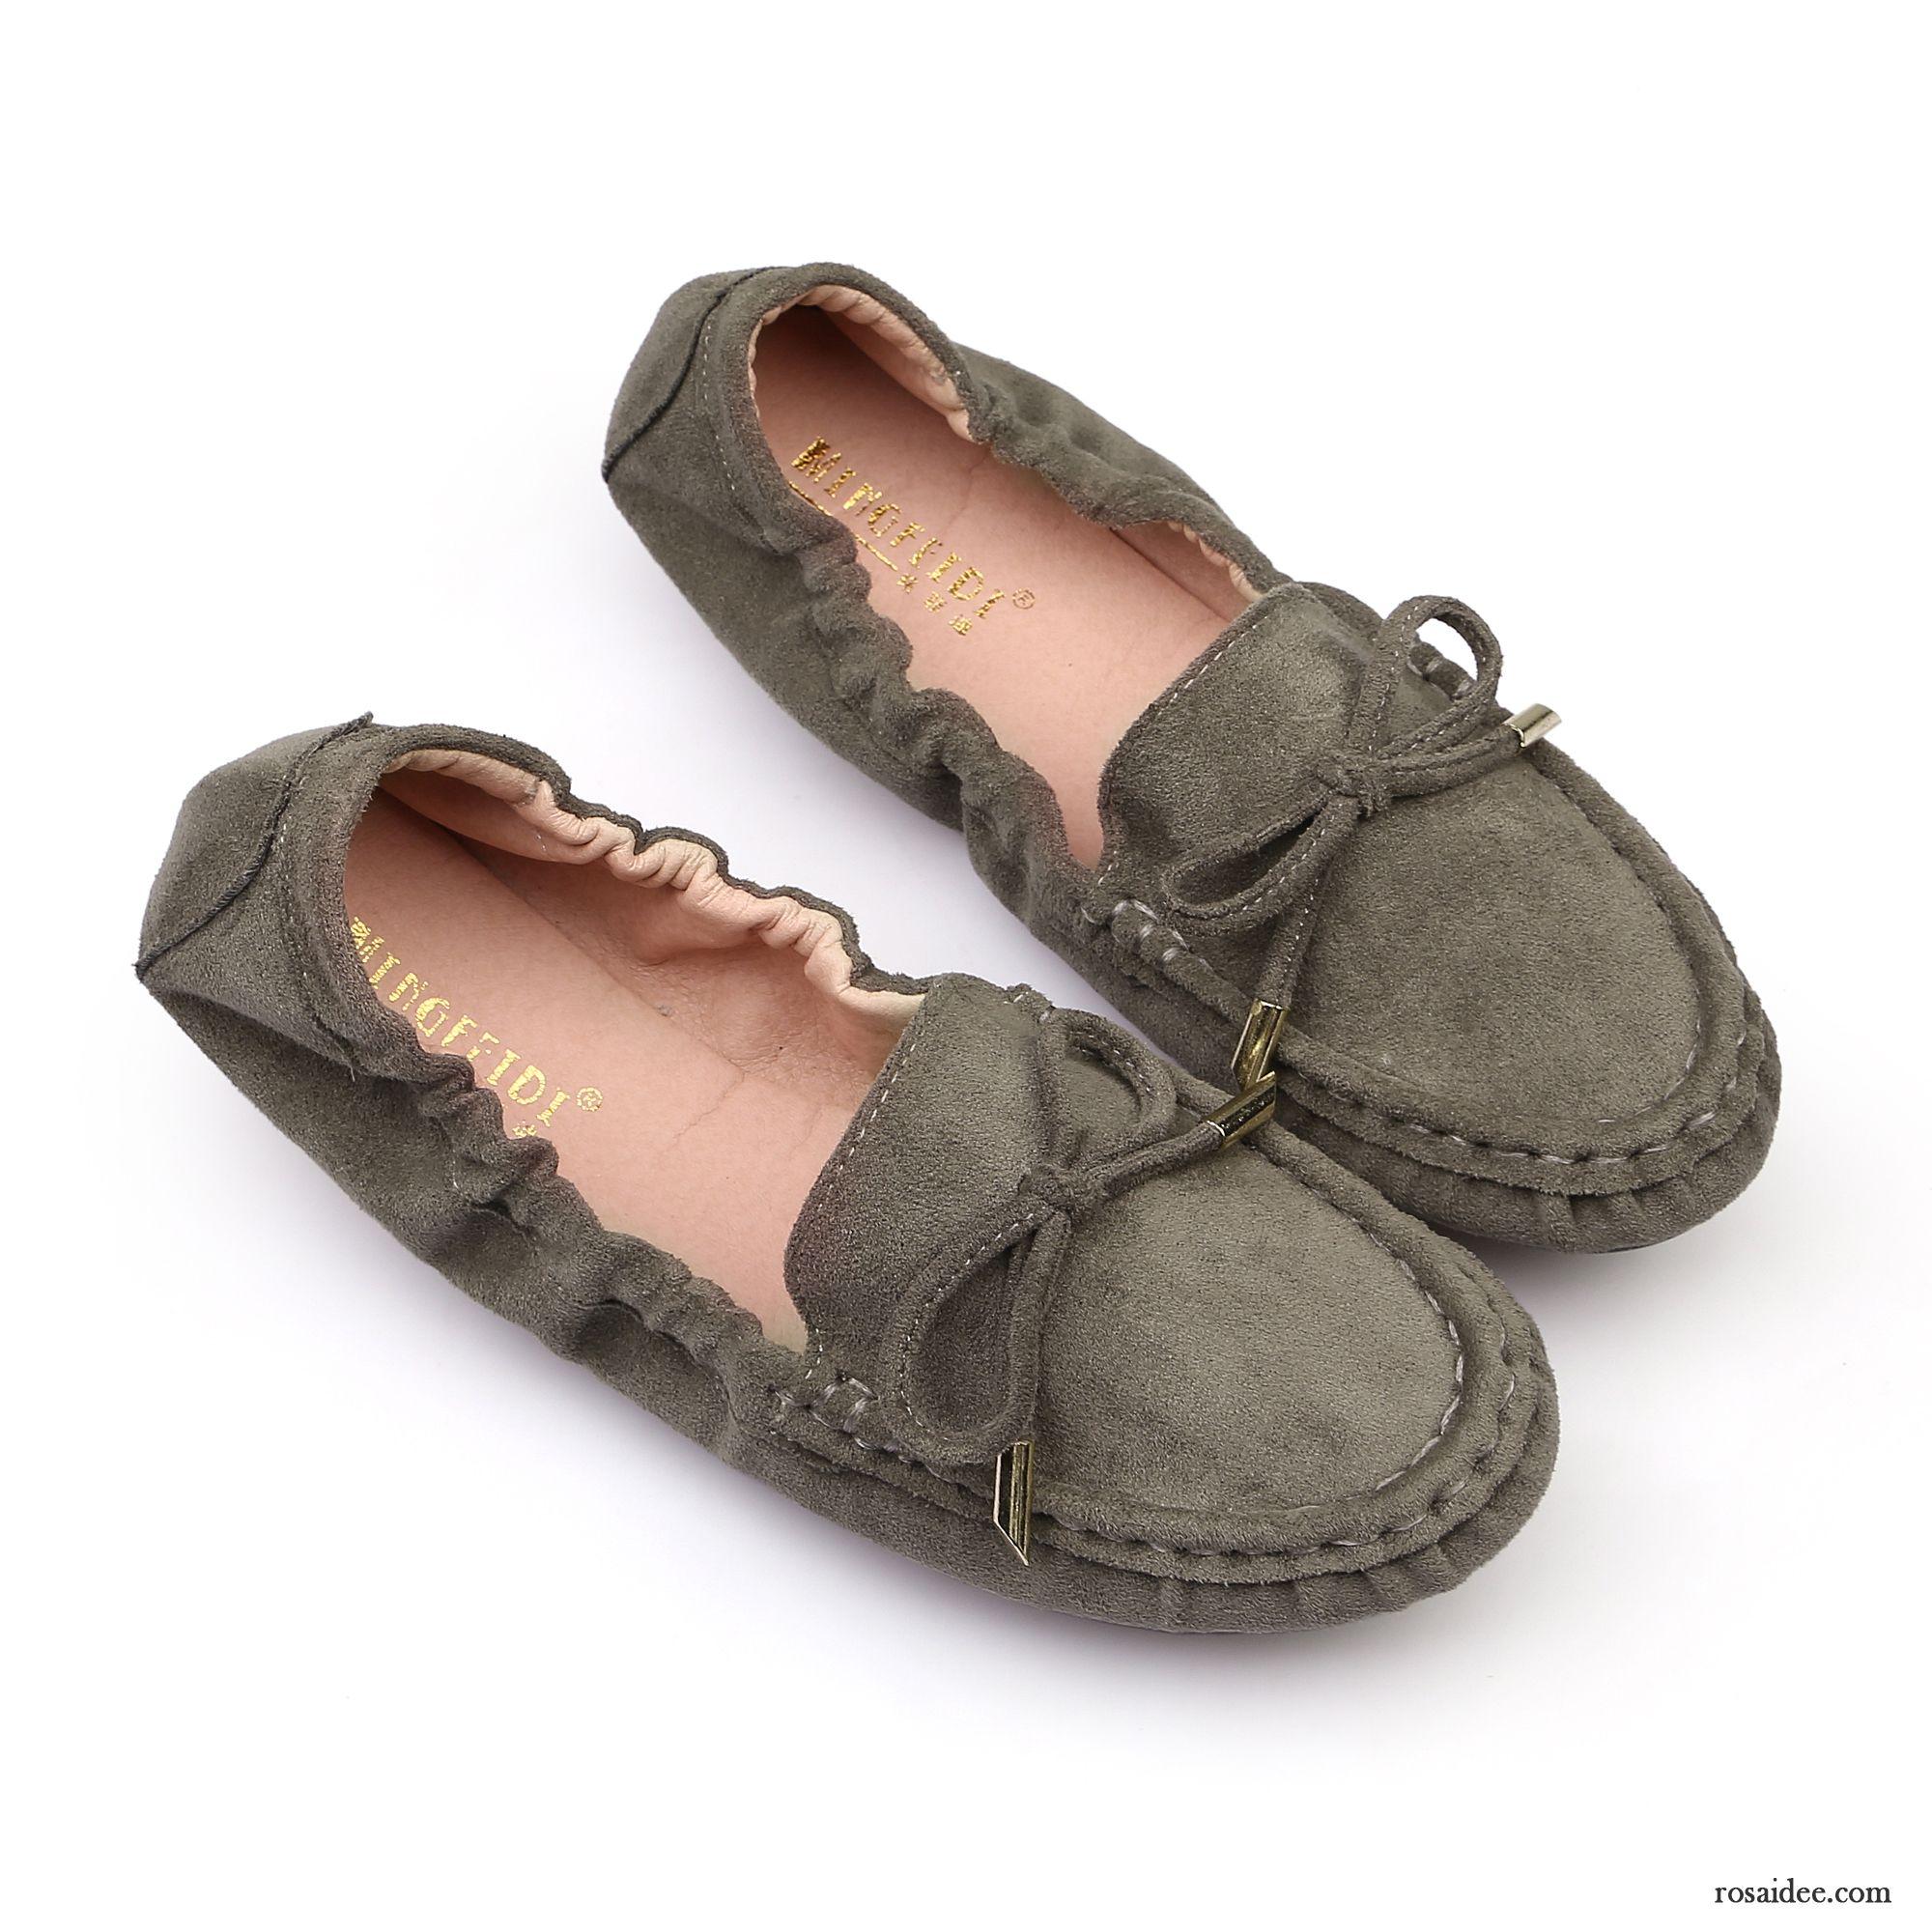 b07ce76d9659e9 Halbschuhe Beige Damen Tuch Schuhe Weiche Sohle Flache Schuhe Grün Herbst  Halbschuhe Große Größe Allgleiches Damen